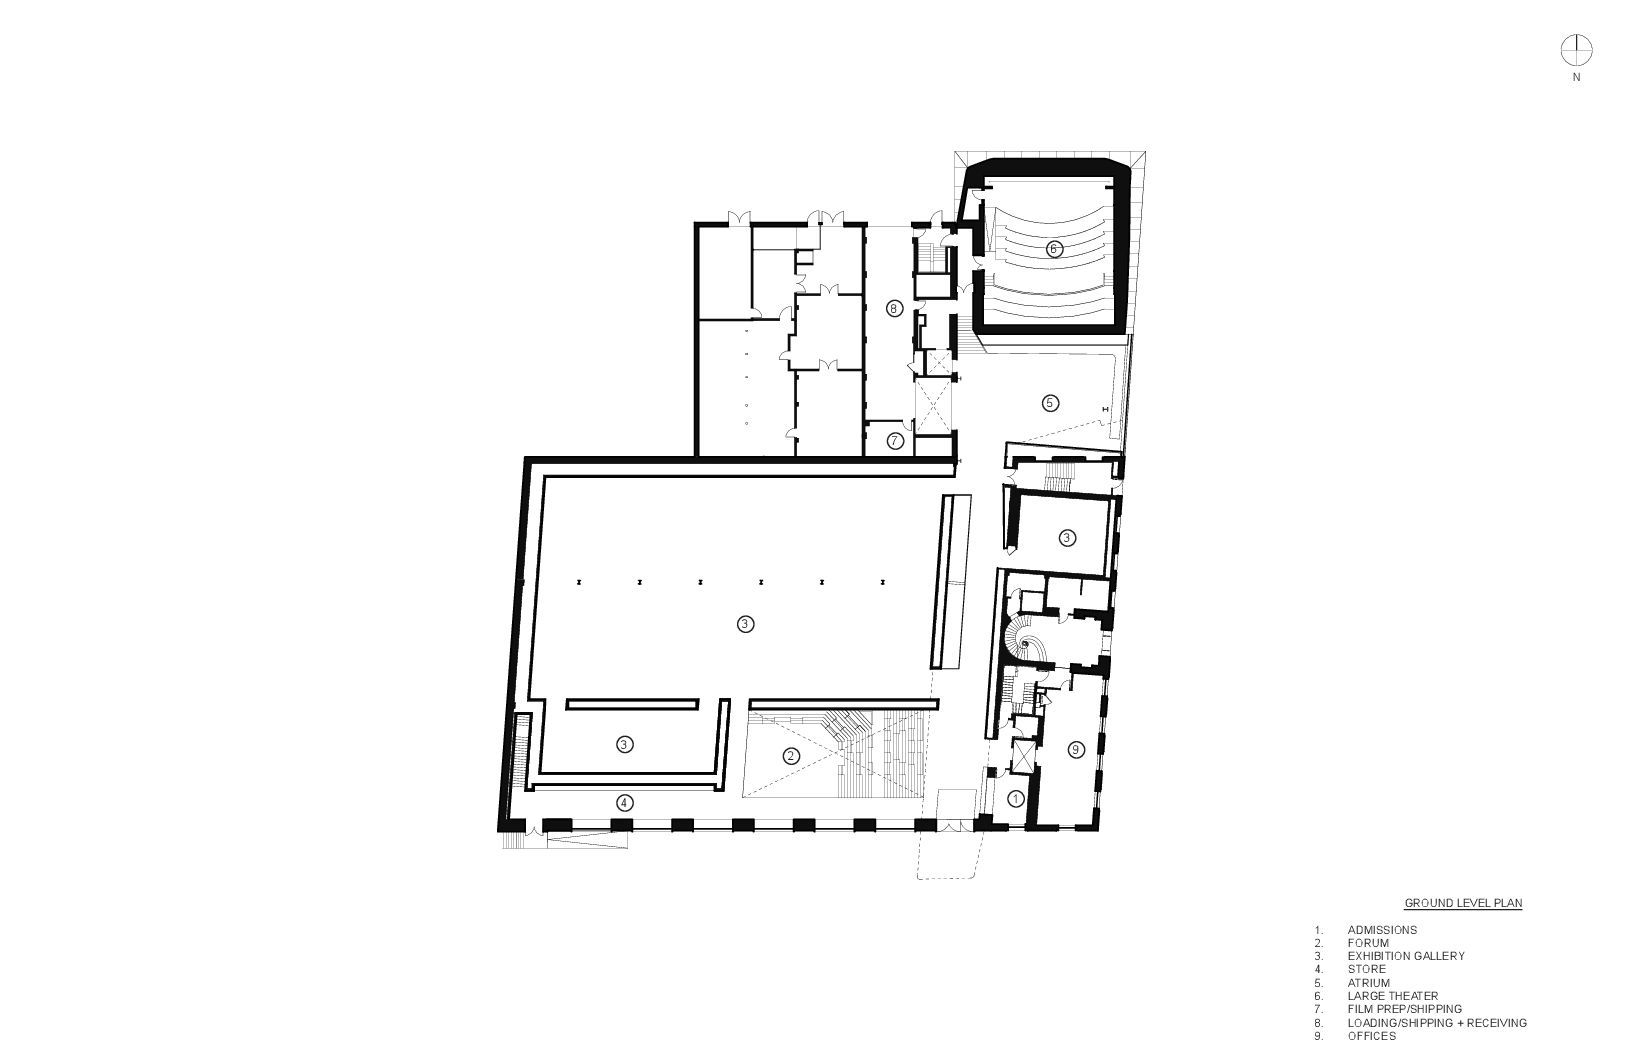 Amazing Ground Floor Plan